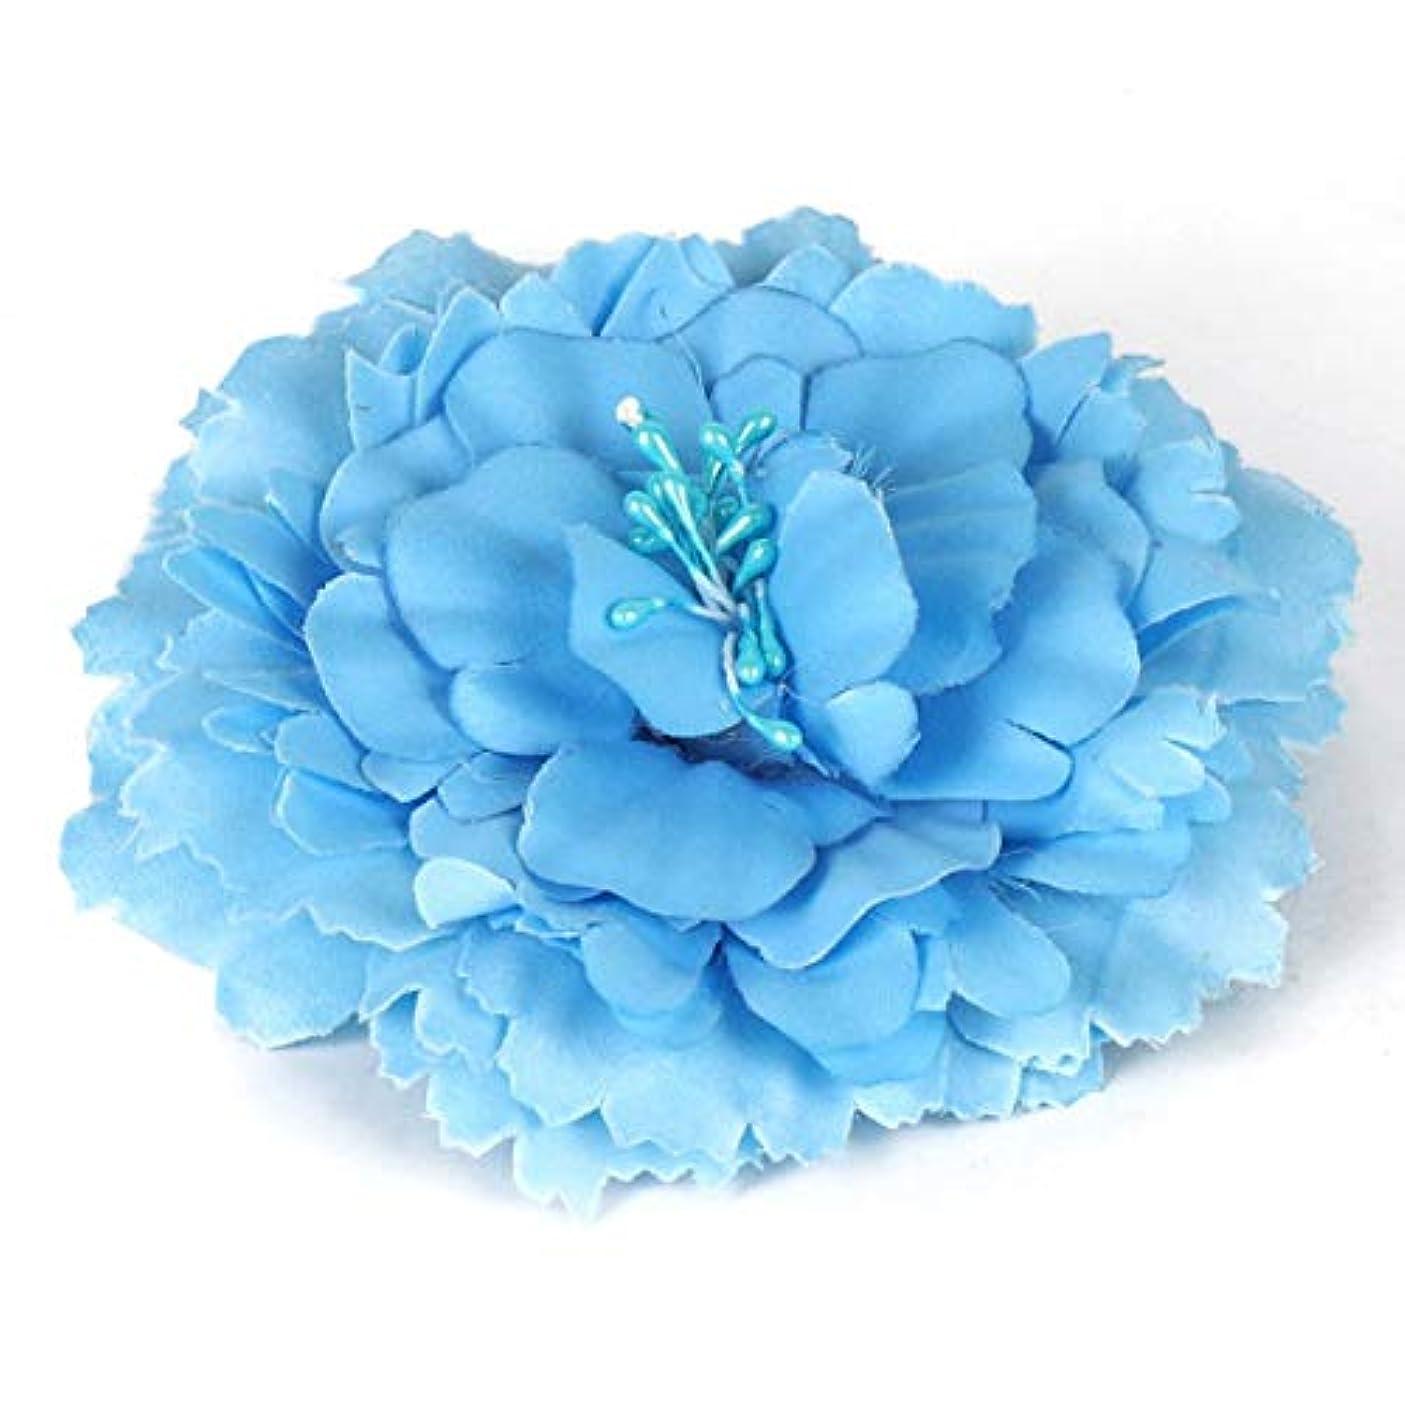 宮殿ミルク同時女性のための新しいファッションエレガントなローズフラワーヘアクリップブローチヘアピンヘアガールズヘアドレスデコレーションウェディングアクセサリー-ブルー